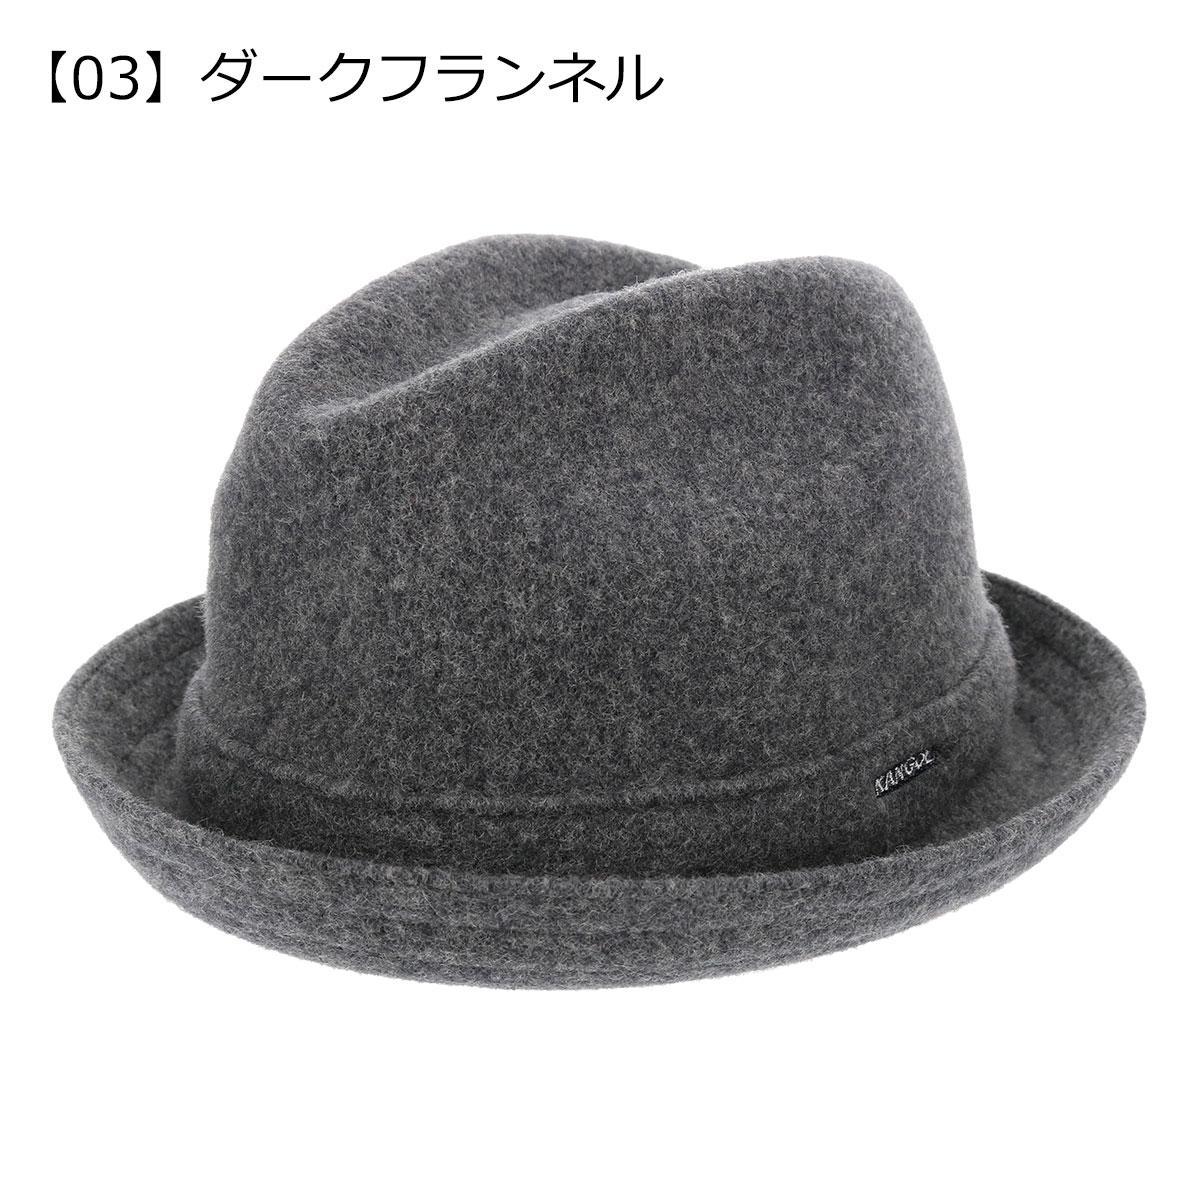 【03】ダークフランネル